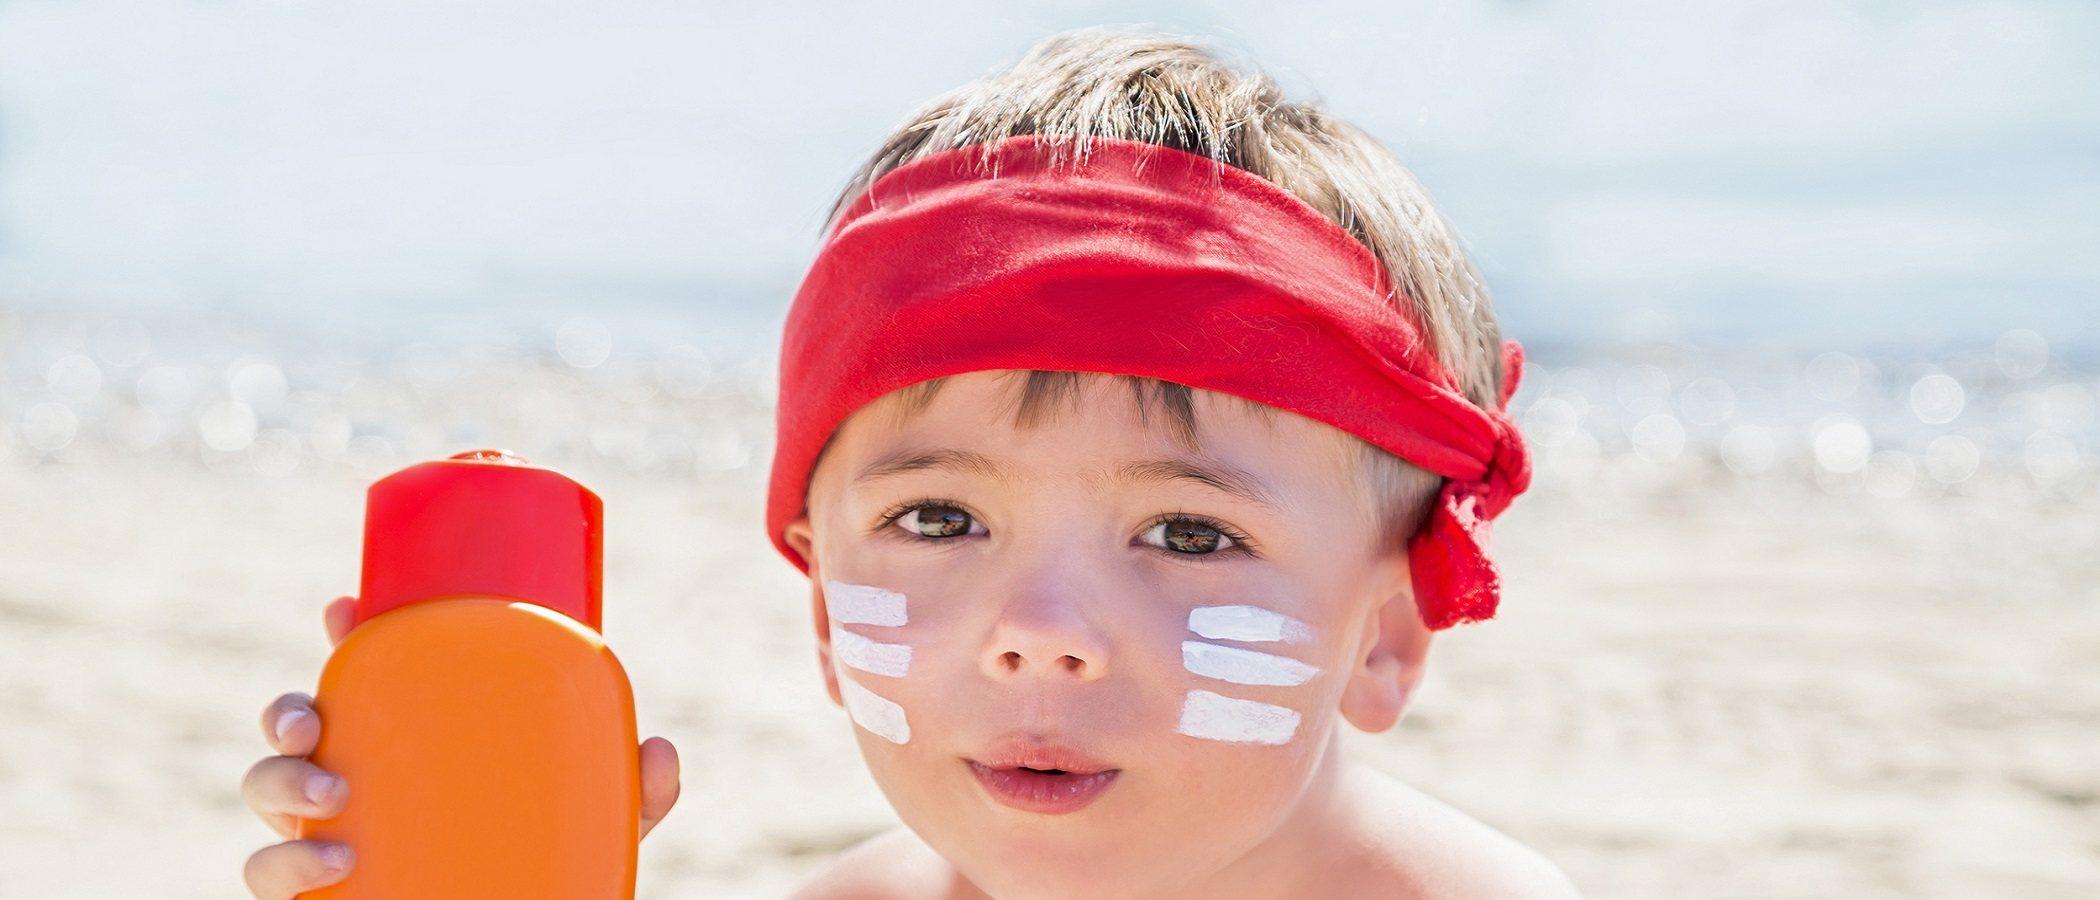 Los niños son más vulnerables a los rayos de sol que los adultos